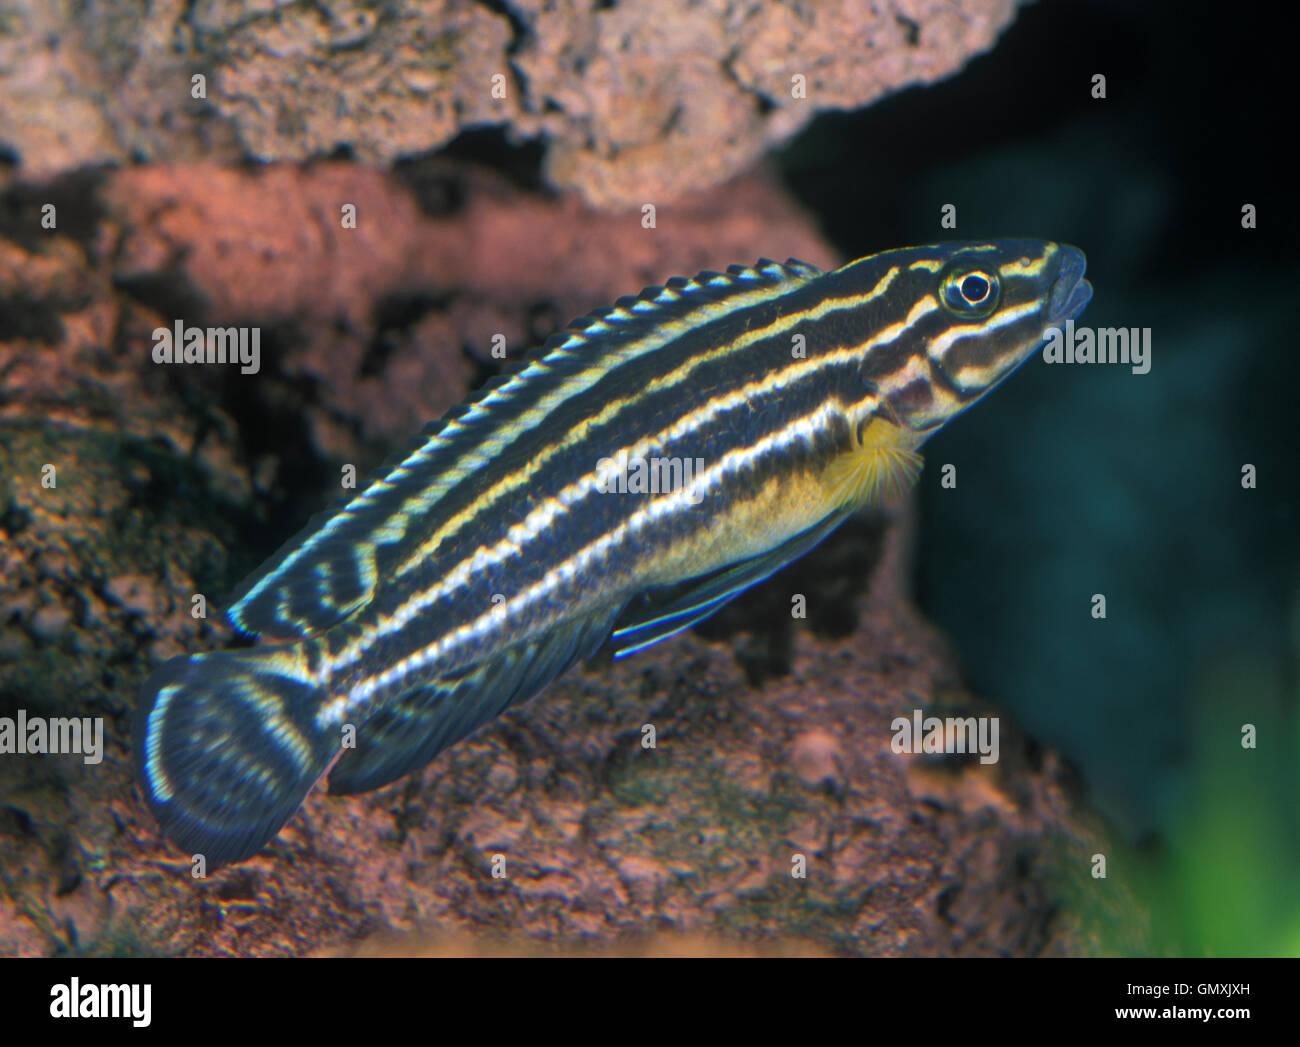 Marlieri Cichlid, Julidochromis marlieri. Aquarium. Portugal. - Stock Image